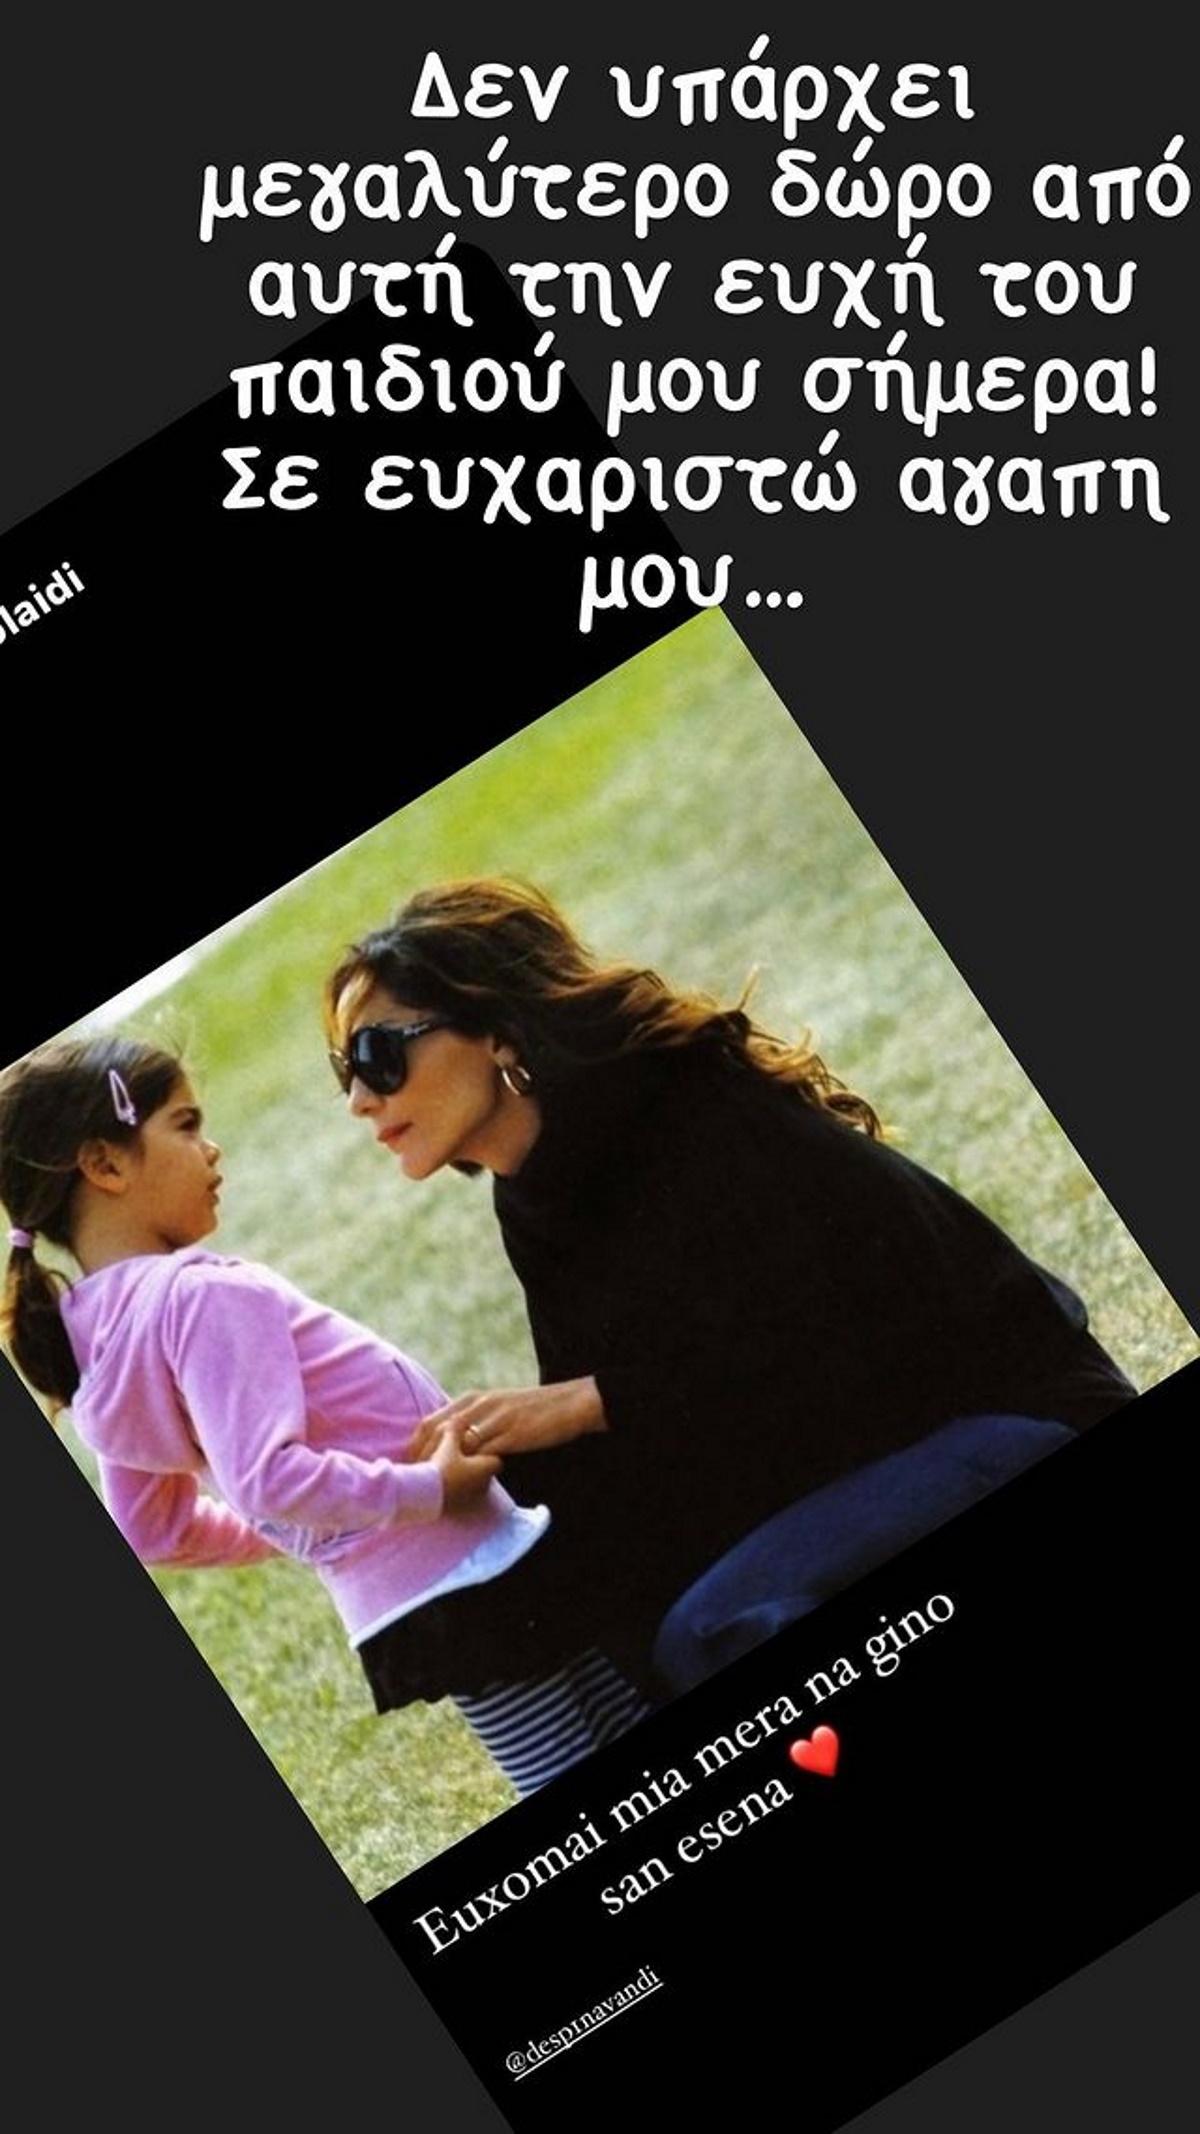 Βανδή: Τα δώρα των παιδιών της για τα γενέθλιά της και η αποκάλυψη για τον νέο έρωτα στη ζωή της! (εικόνες)